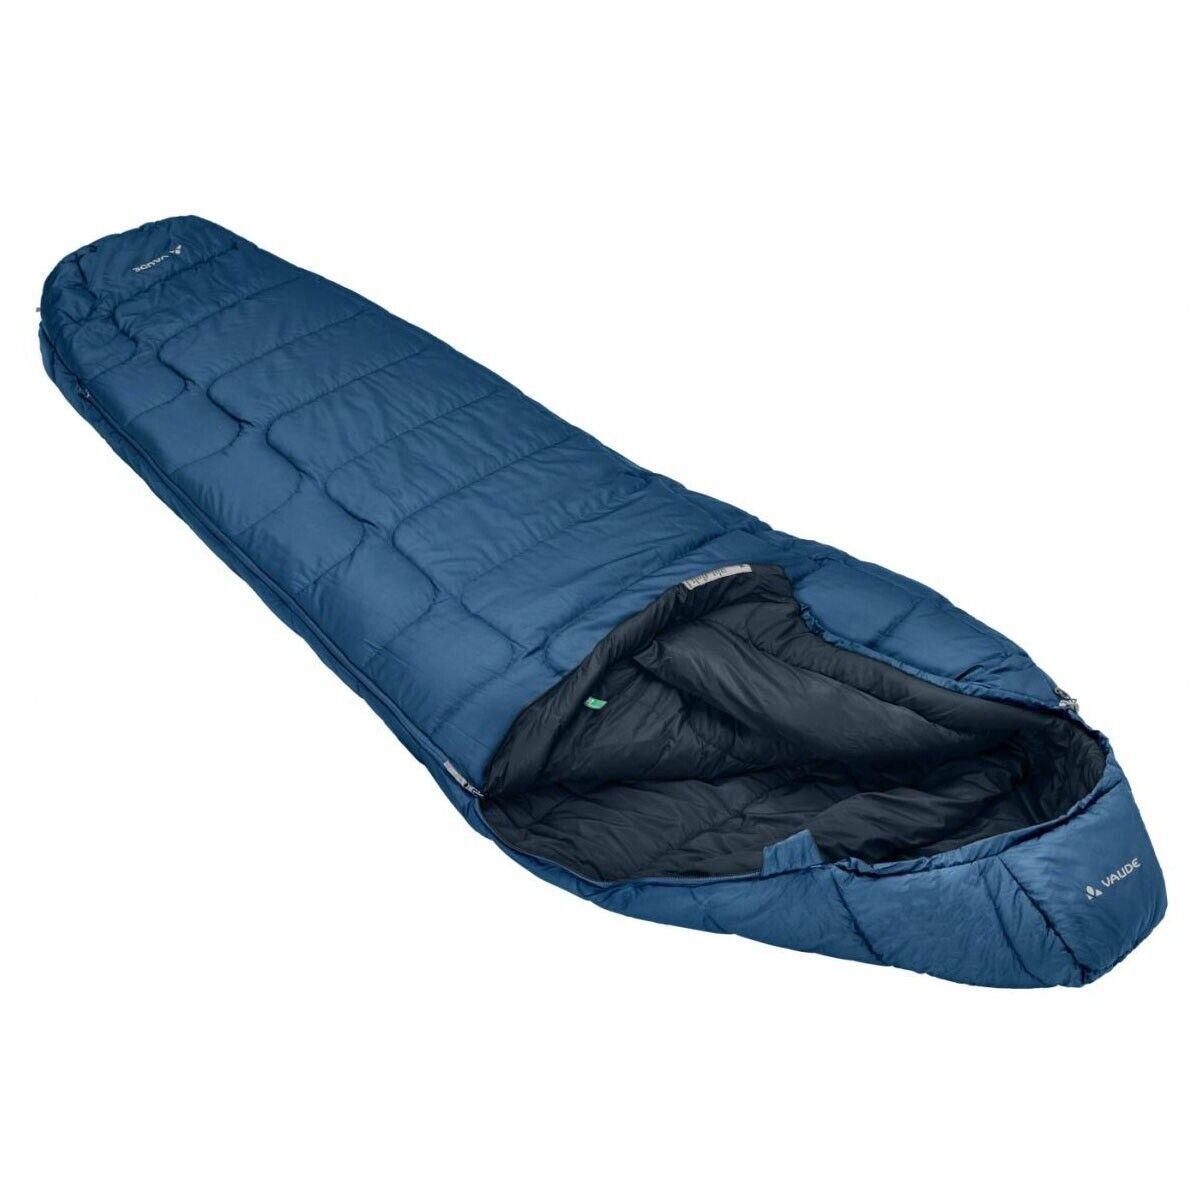 Vaude Sioux 400 SYN saco de dormir azul